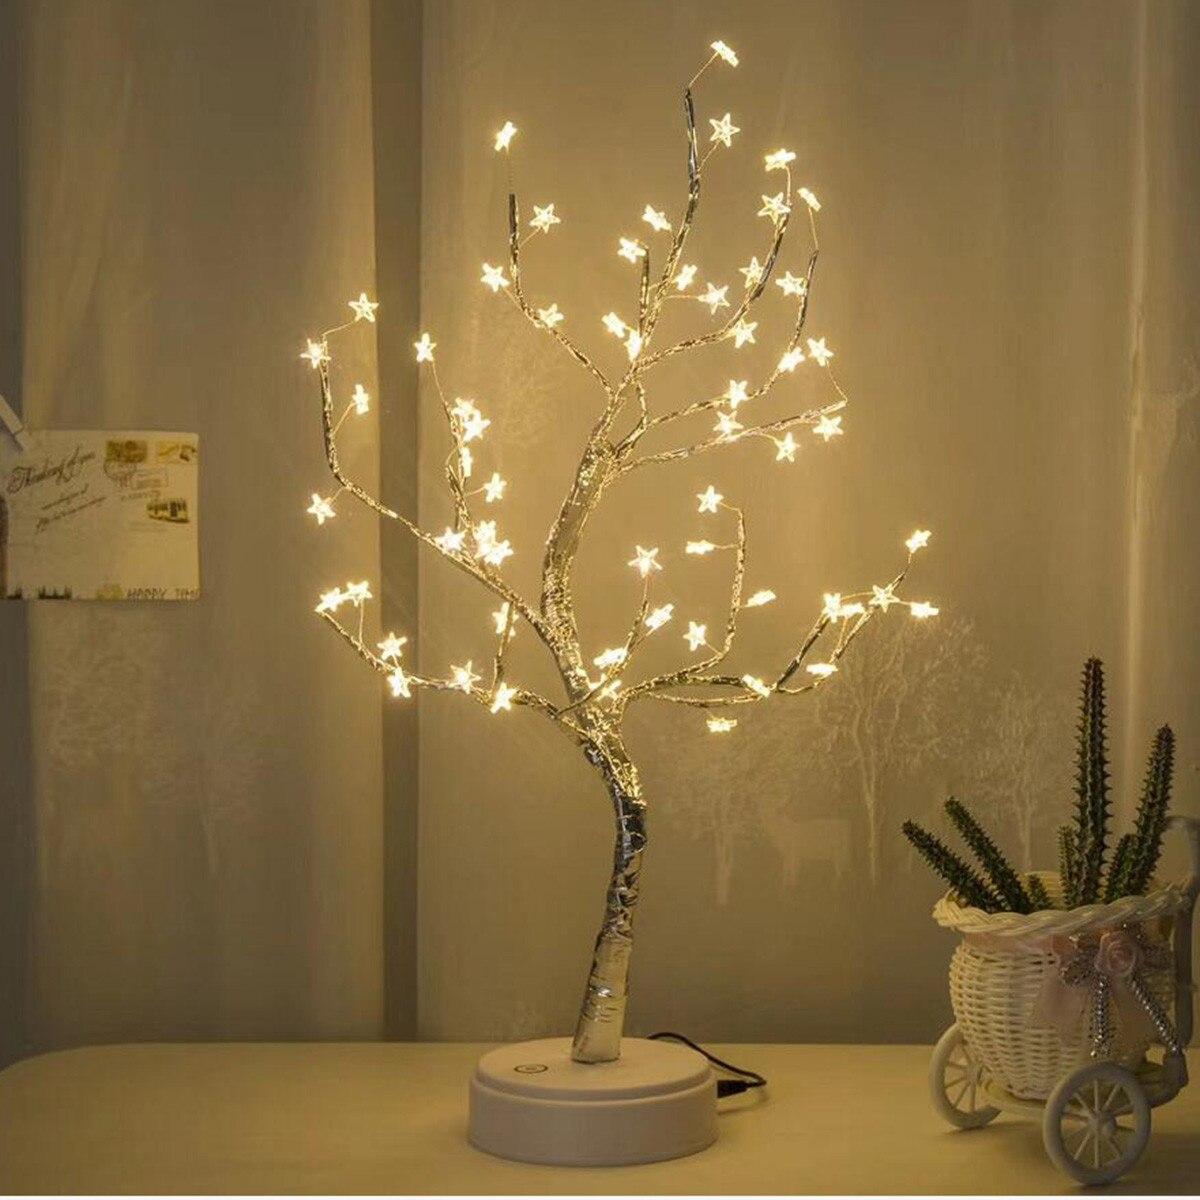 Oryginalny ALIWARM biała dioda LED z 60 biała gwiazda lampa stołowa do dekoracji wnętrz ślub sypialnia Dropshipping 20